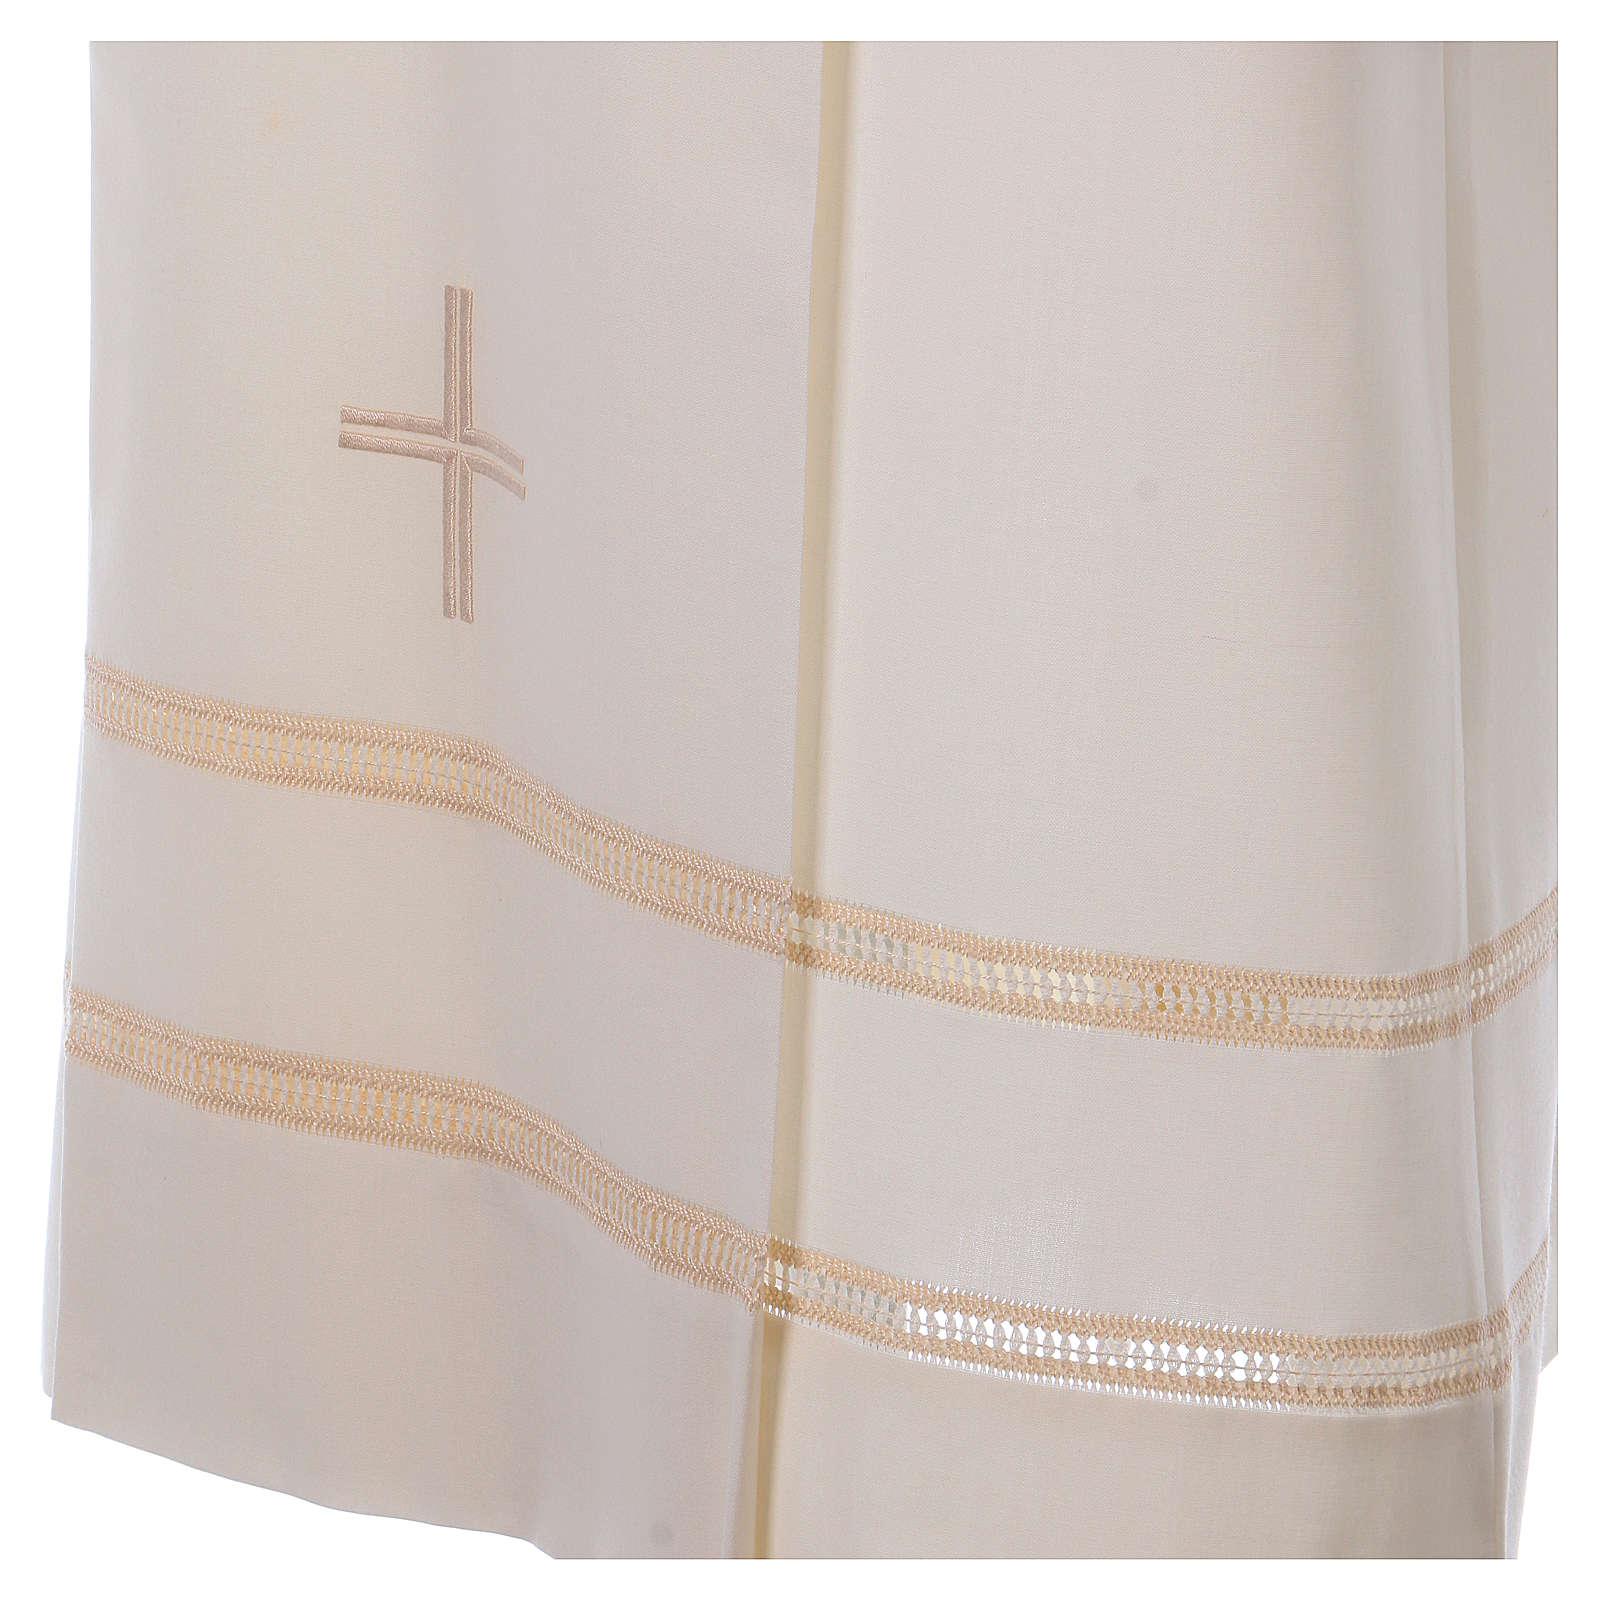 Aube ivoire 55% laine 45% polyester fermeture éclair avant 4